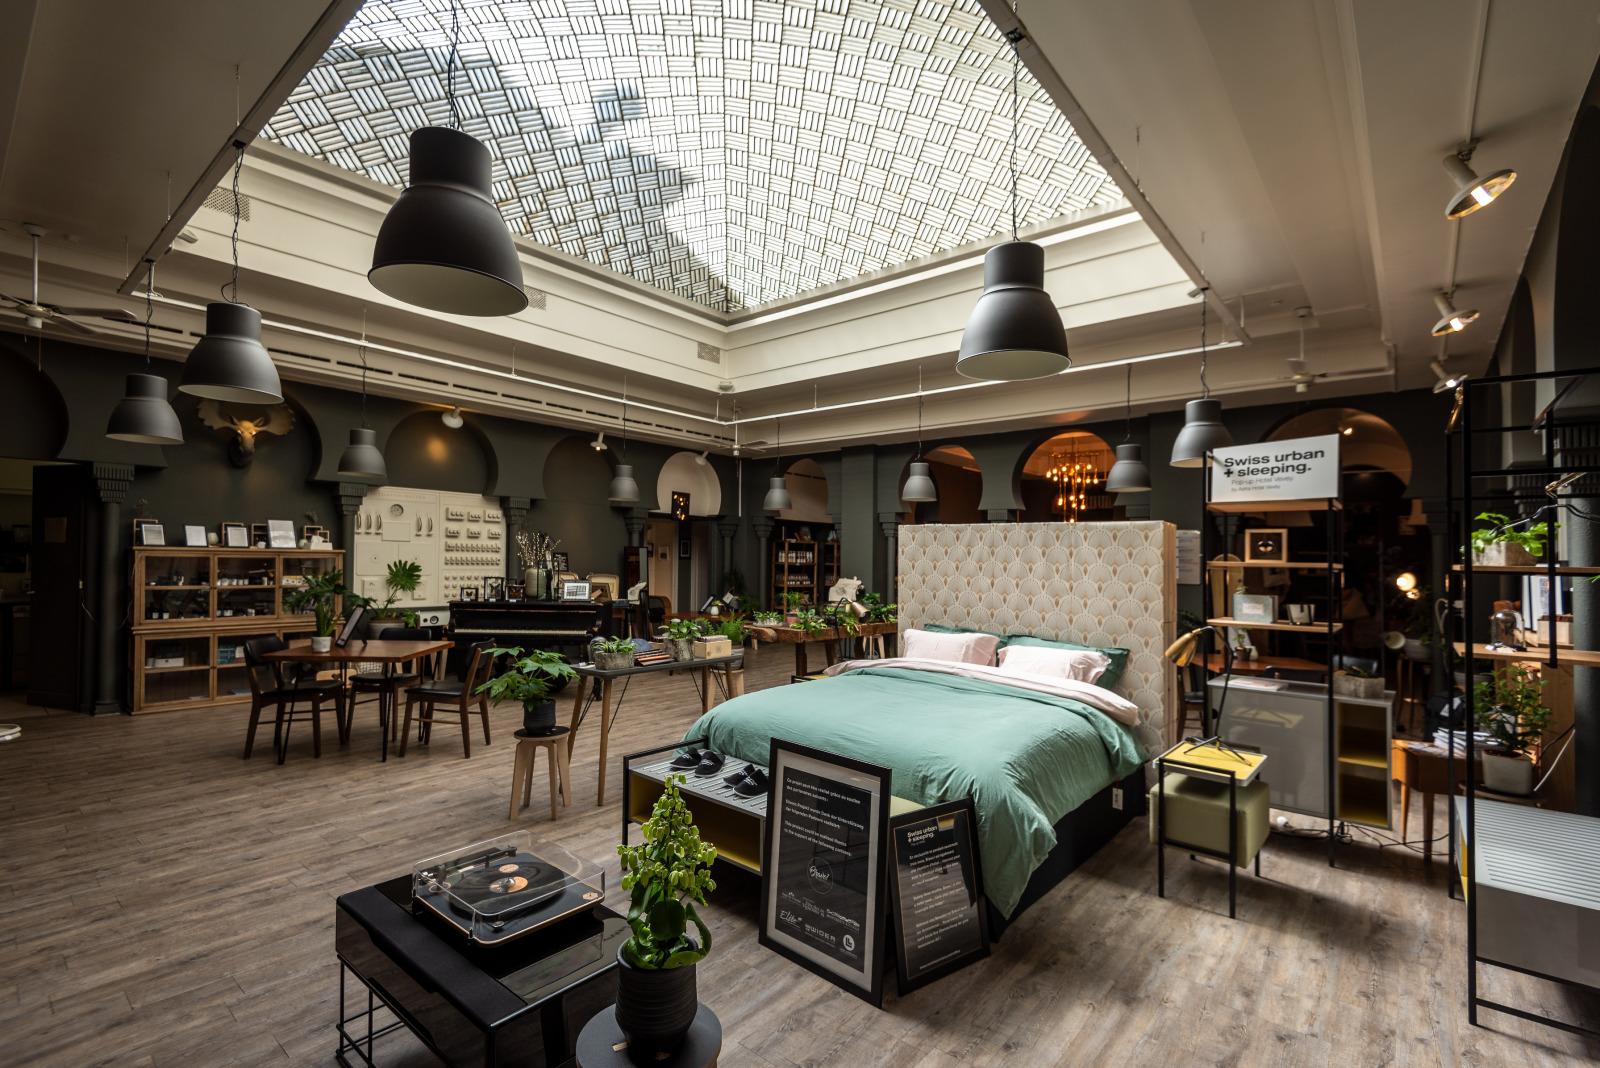 Dormire in Svizzera è pop. I luoghi insoliti diventano hotel ...